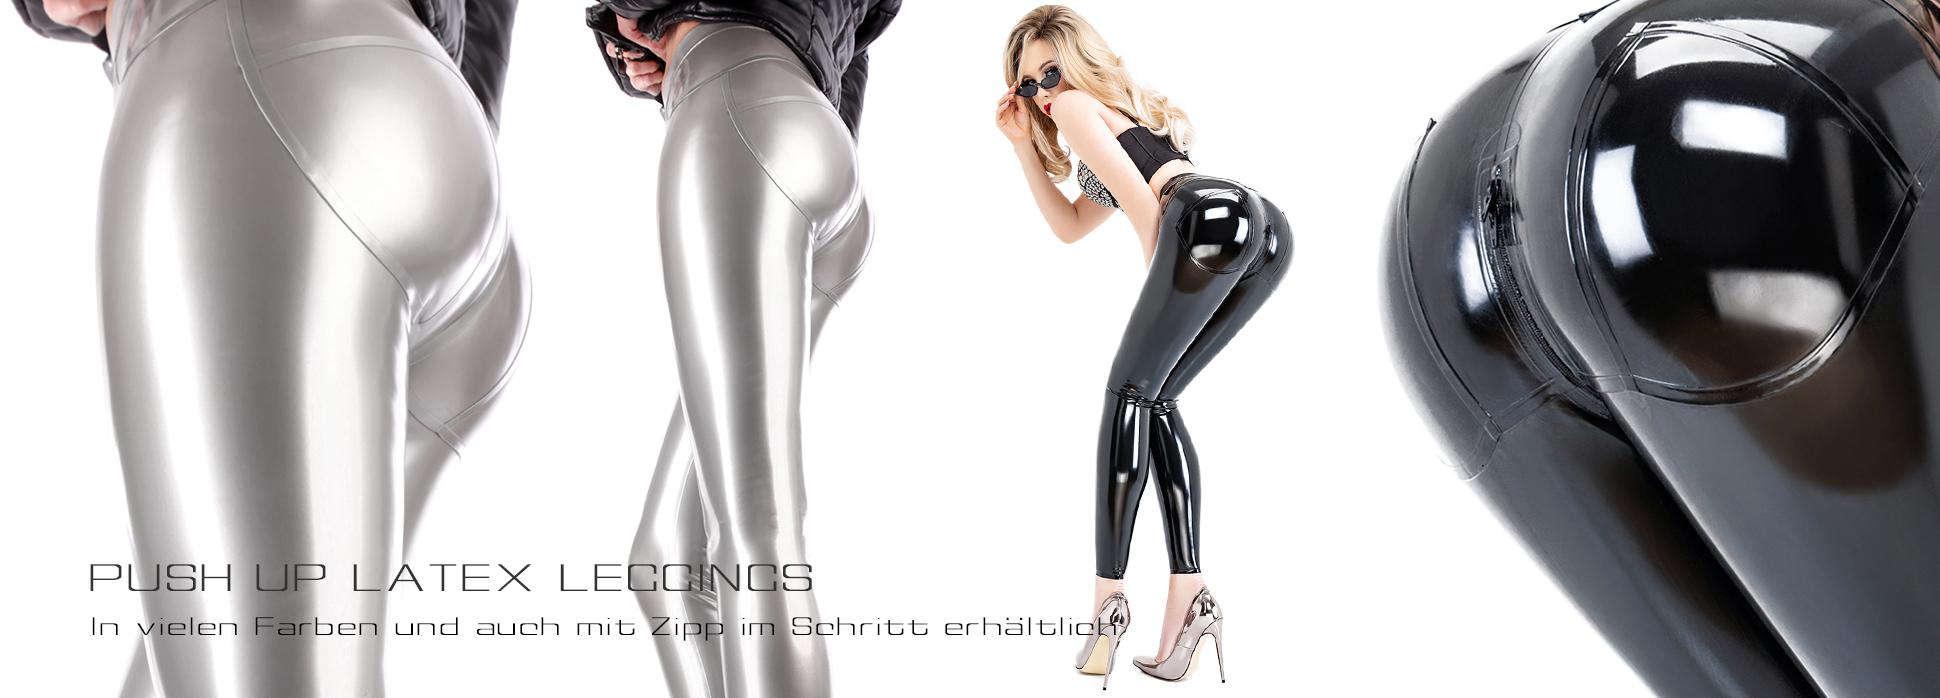 Enge Latex Leggings mit Push up Effekt in Silber und Schwarz